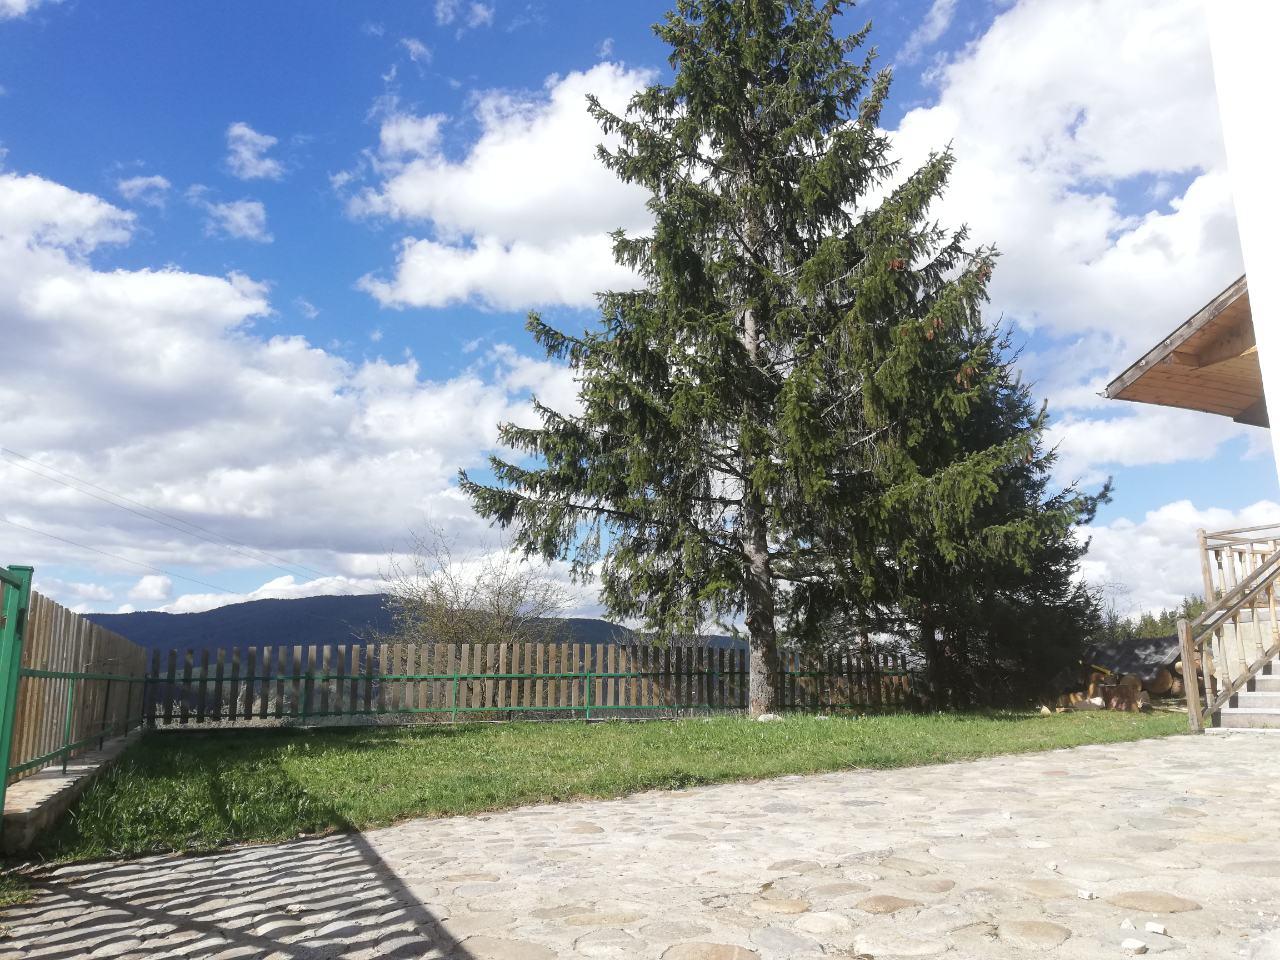 Дом за възрастни хора Валис 2 - Говедарци, община Самоков, област София